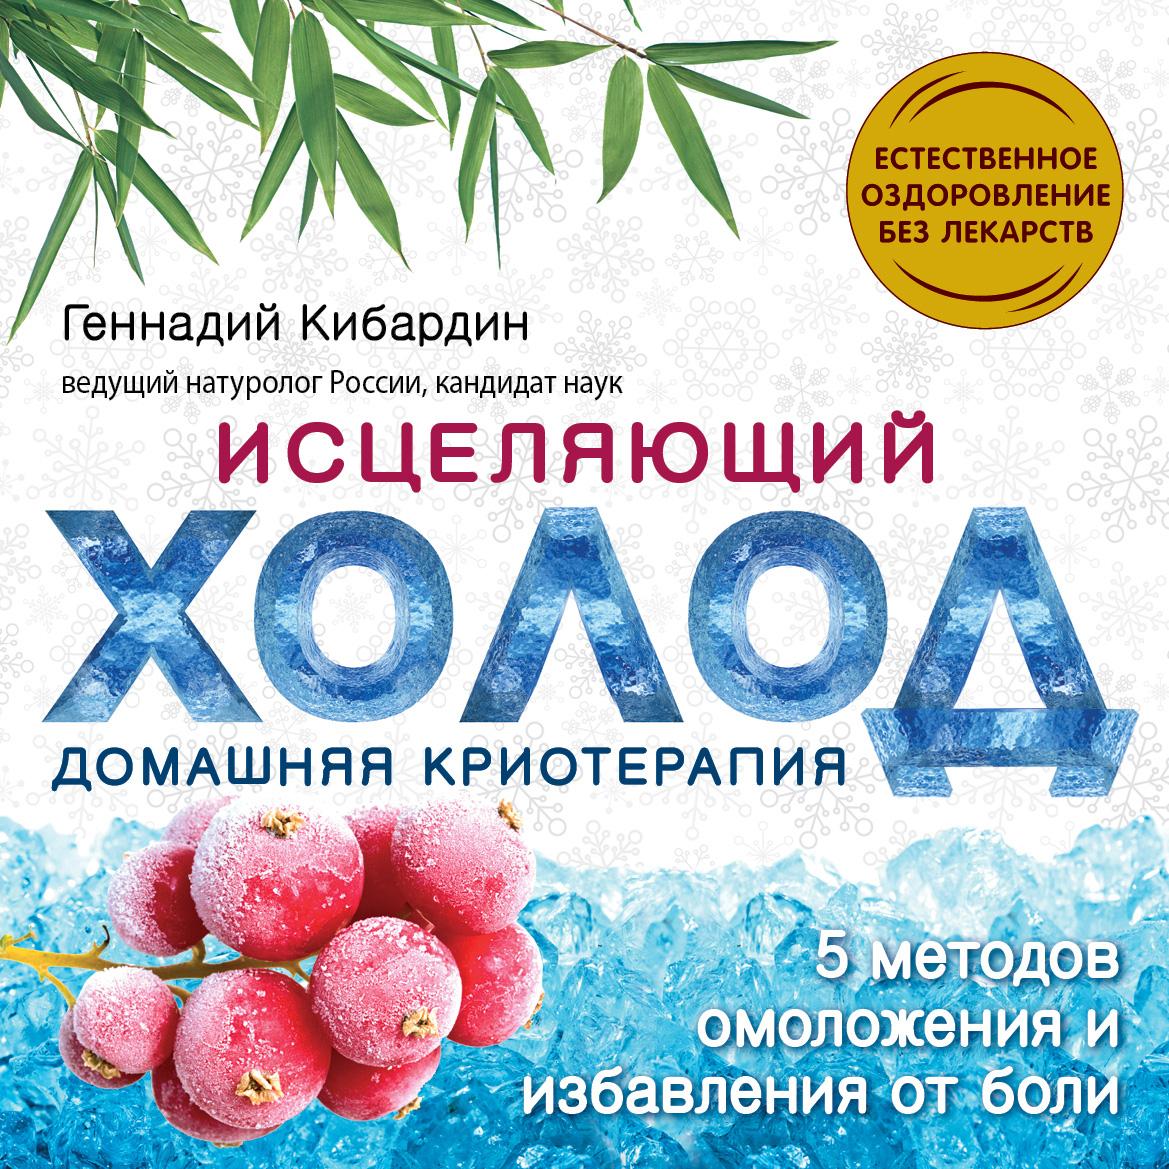 цена Геннадий Кибардин Исцеляющий холод: домашняя криотерапия